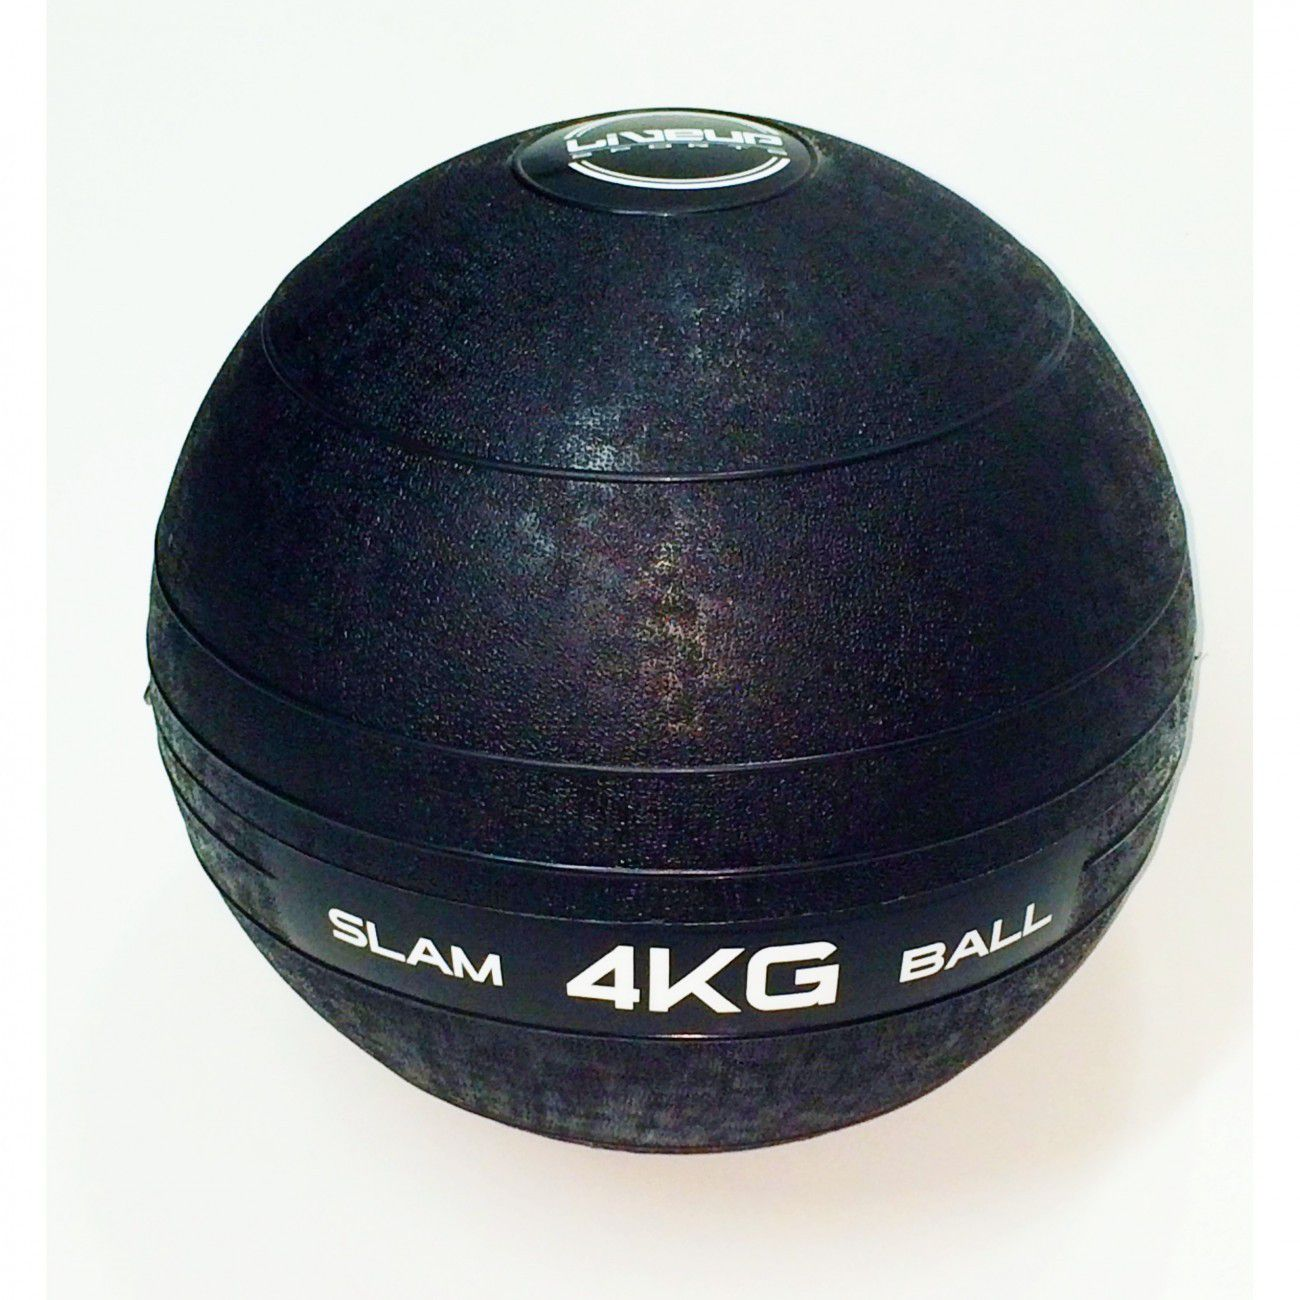 Slam Ball Liveup